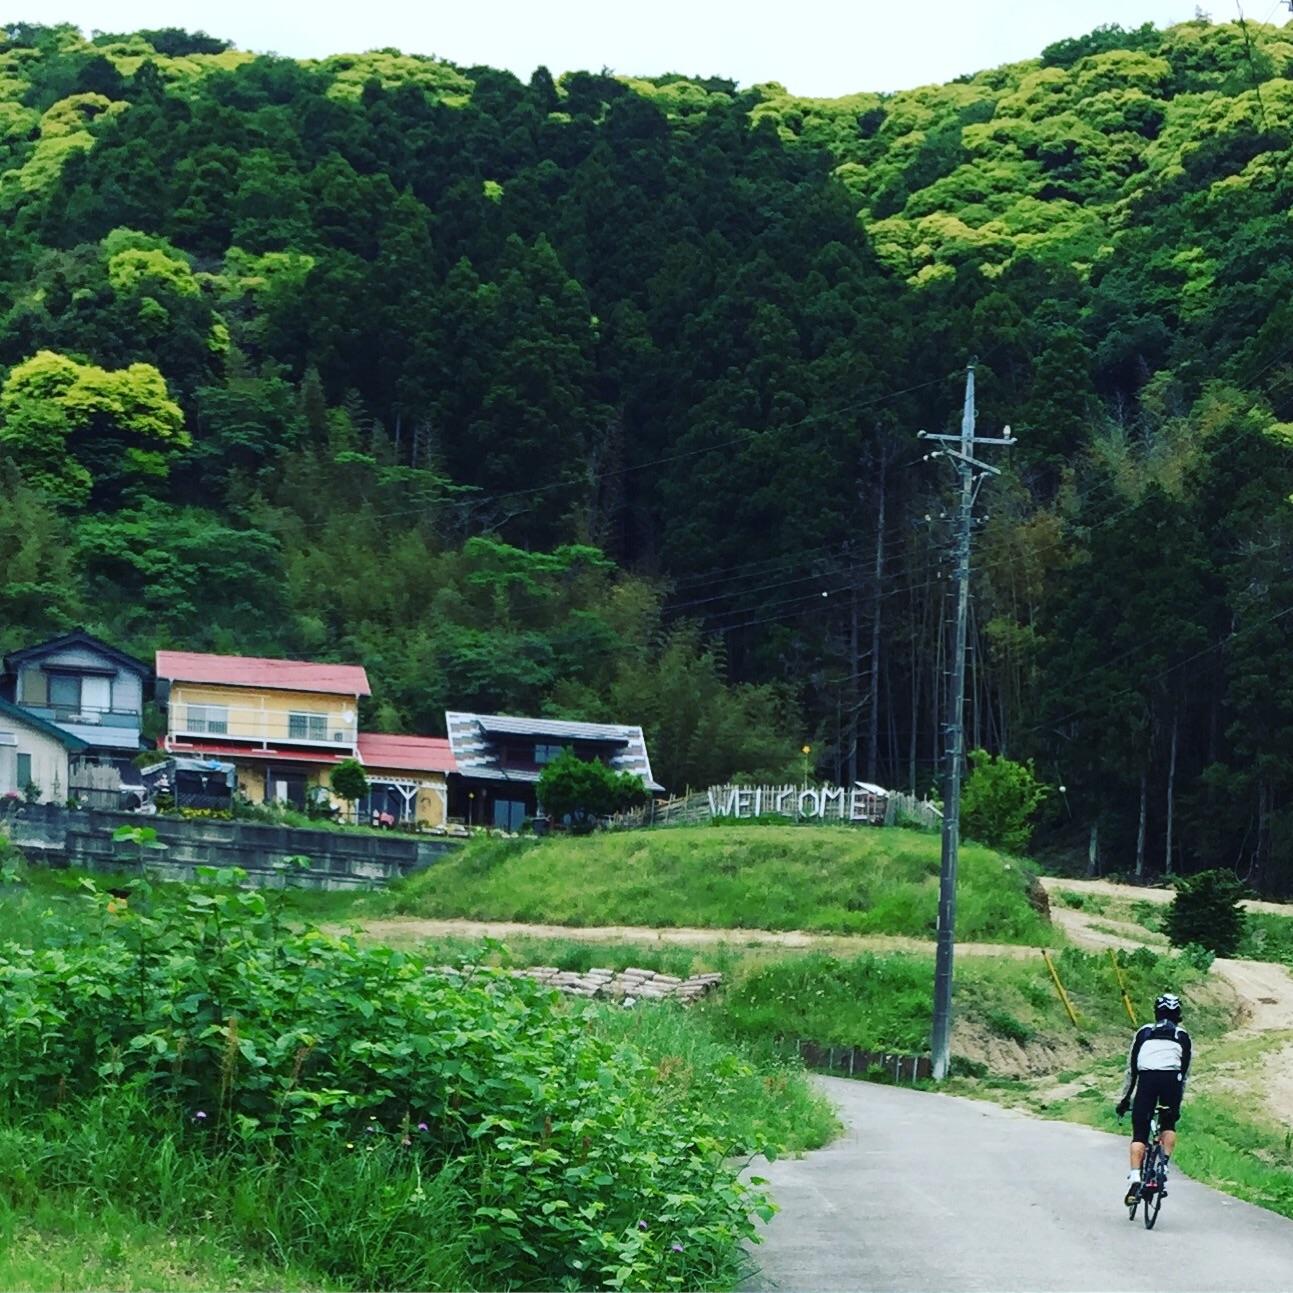 f:id:mfj_maap_jp:20170520174230j:image